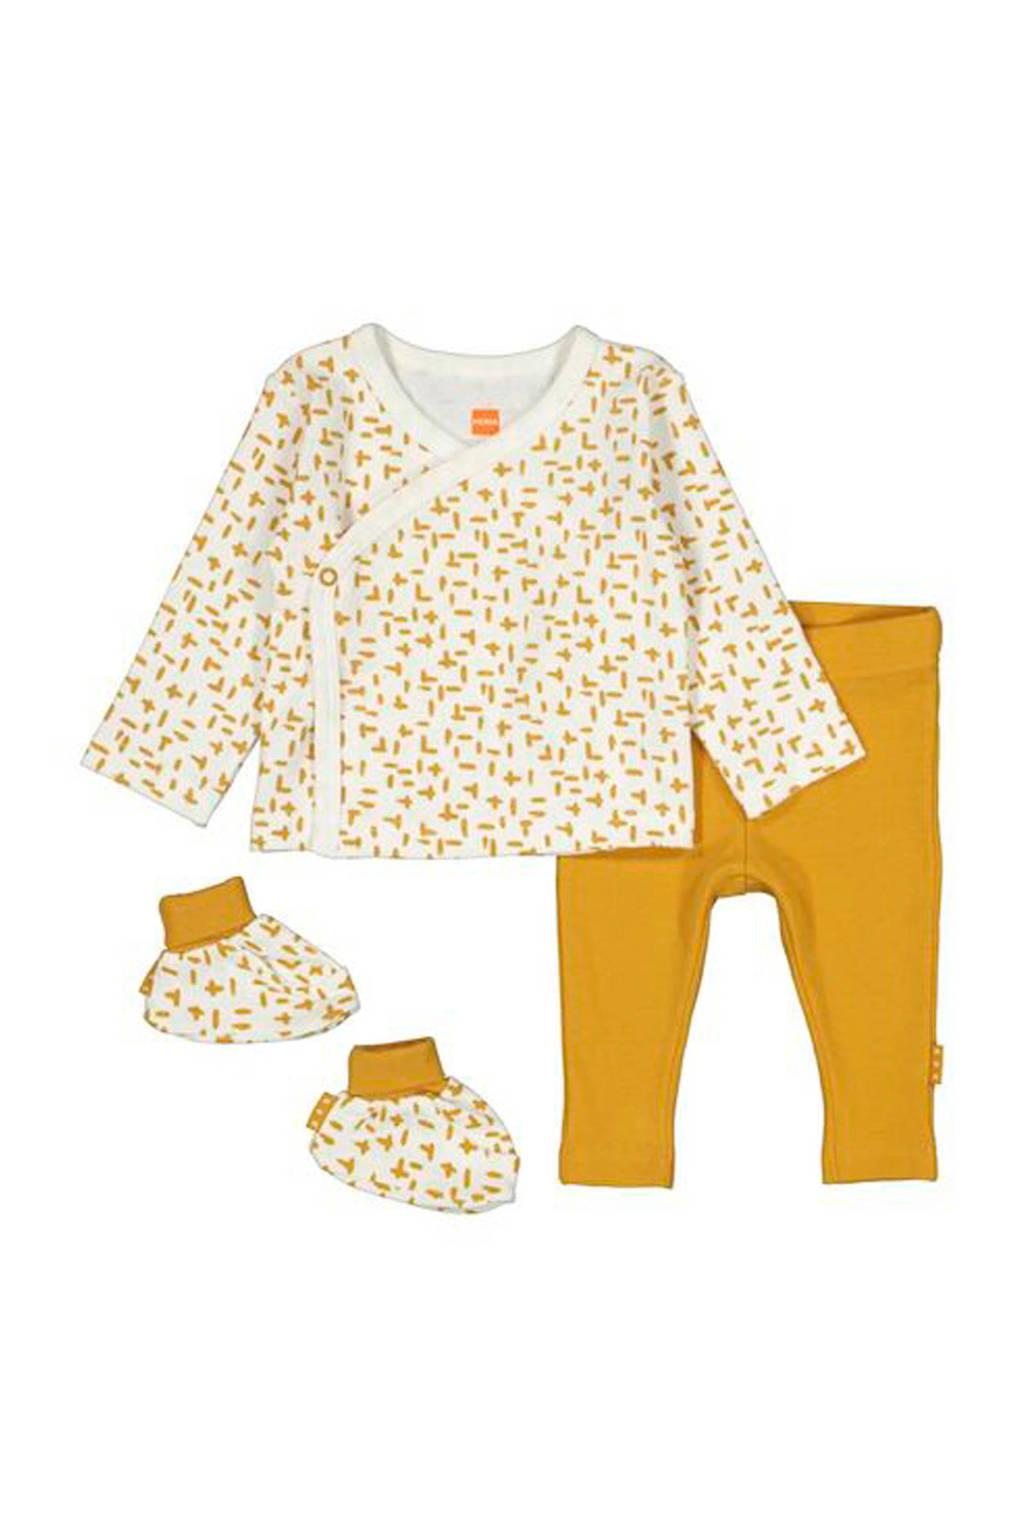 HEMA newborn overslagtop + broek + slofjes, Oker/wit